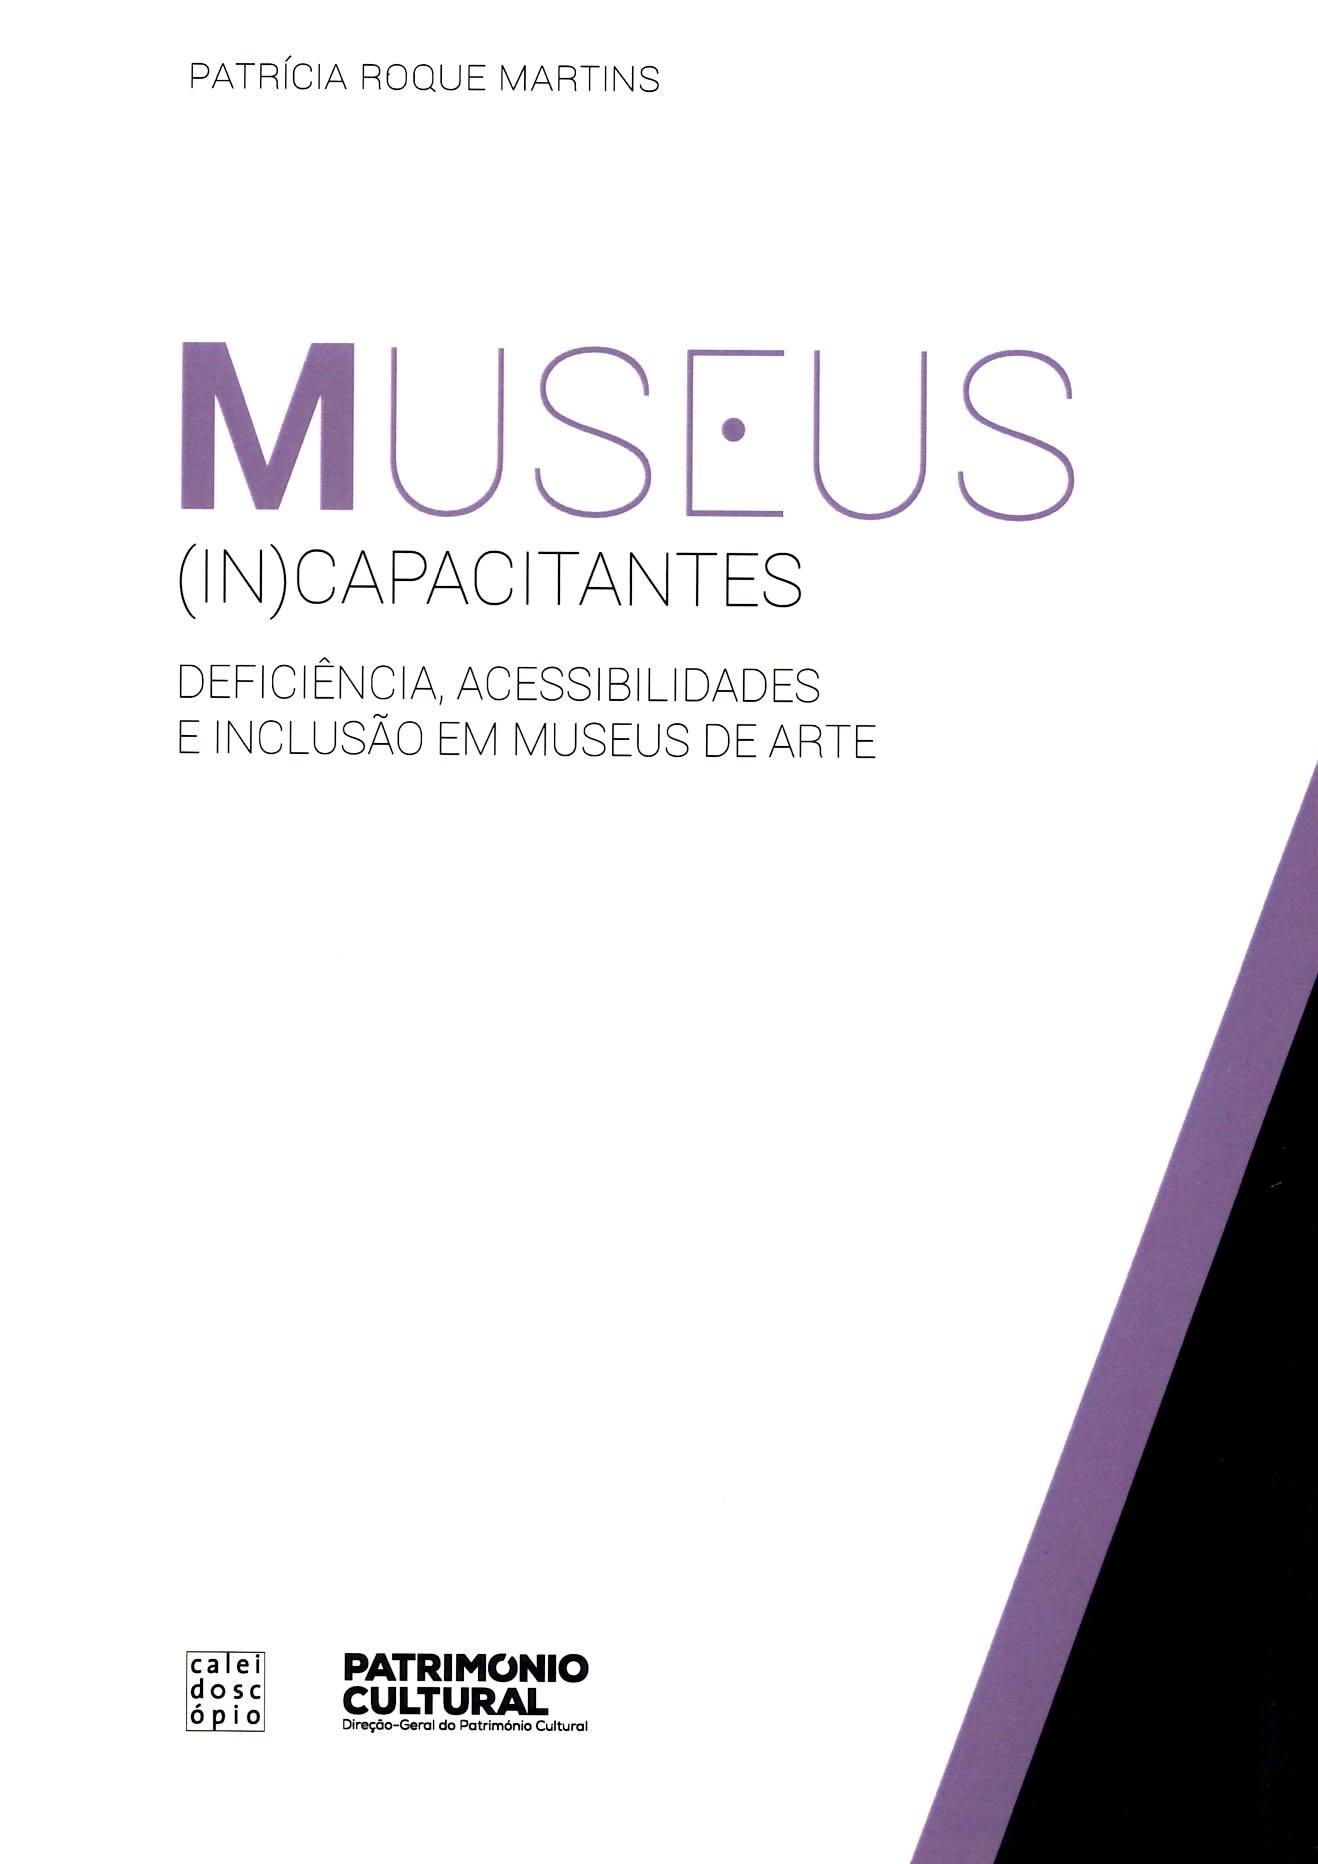 Resultado de imagem para museus incapacitantes